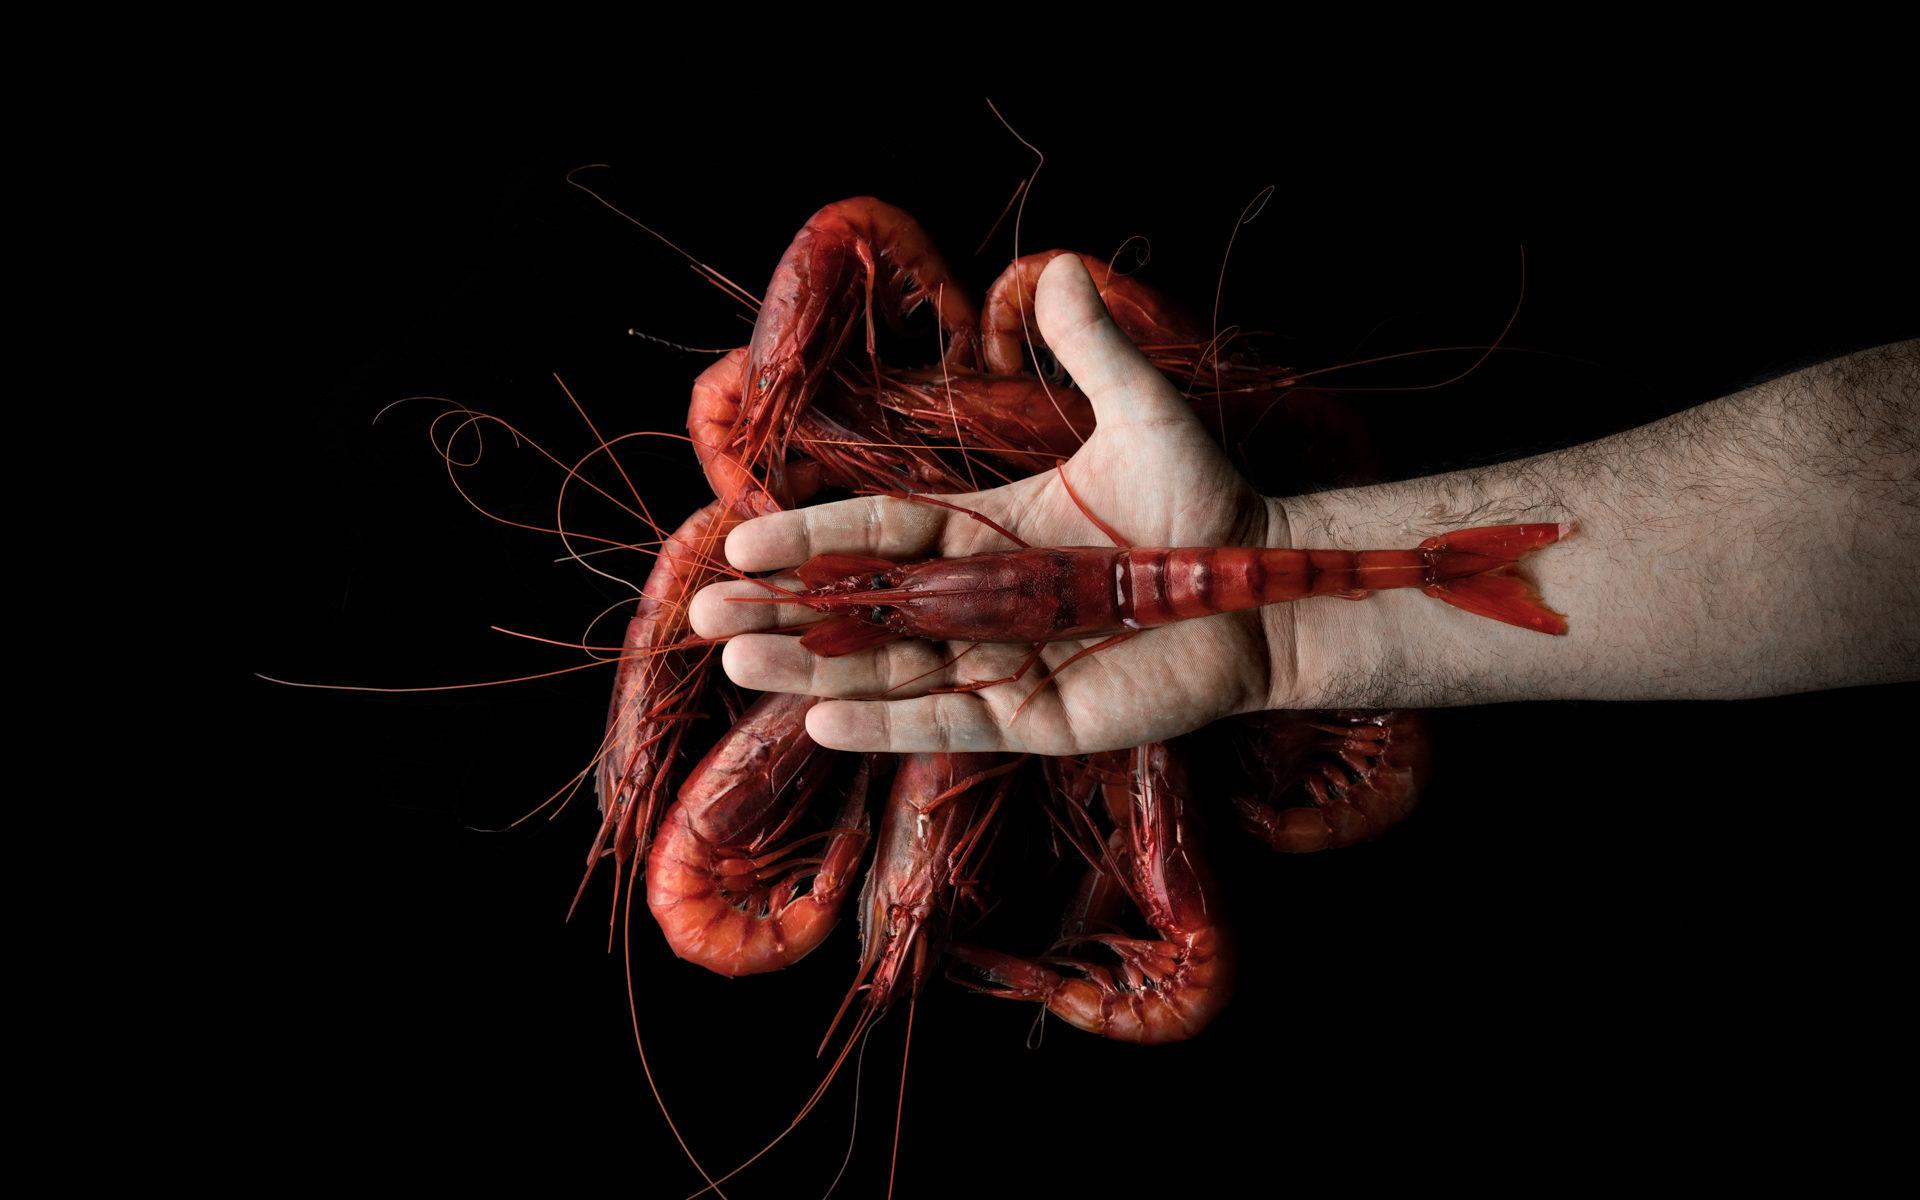 Gamberi rossi di Luca Bizzarri, infoodfamily, foto di Matteo Bizzarri